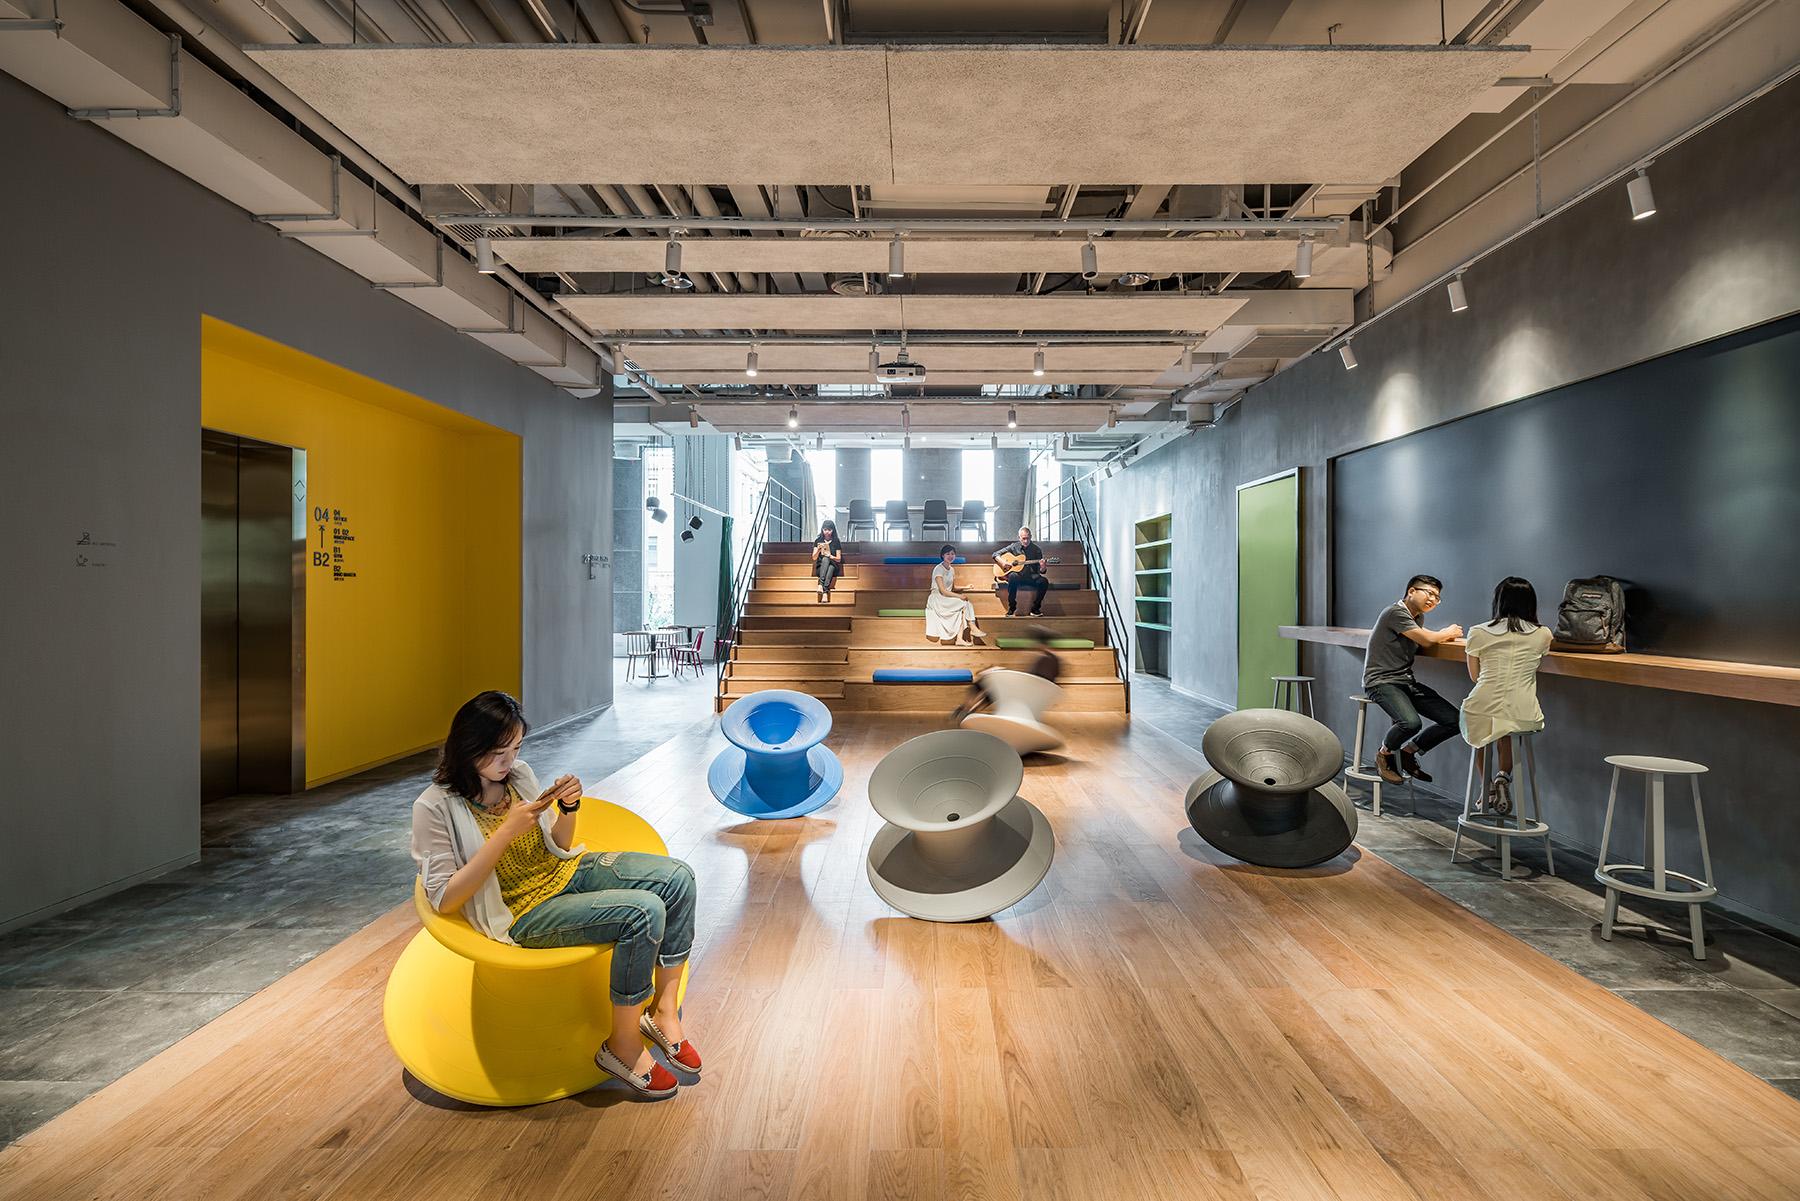 拒绝枯燥乏味!打造全新办公空间,给你家的温暖!|Gensler - 1